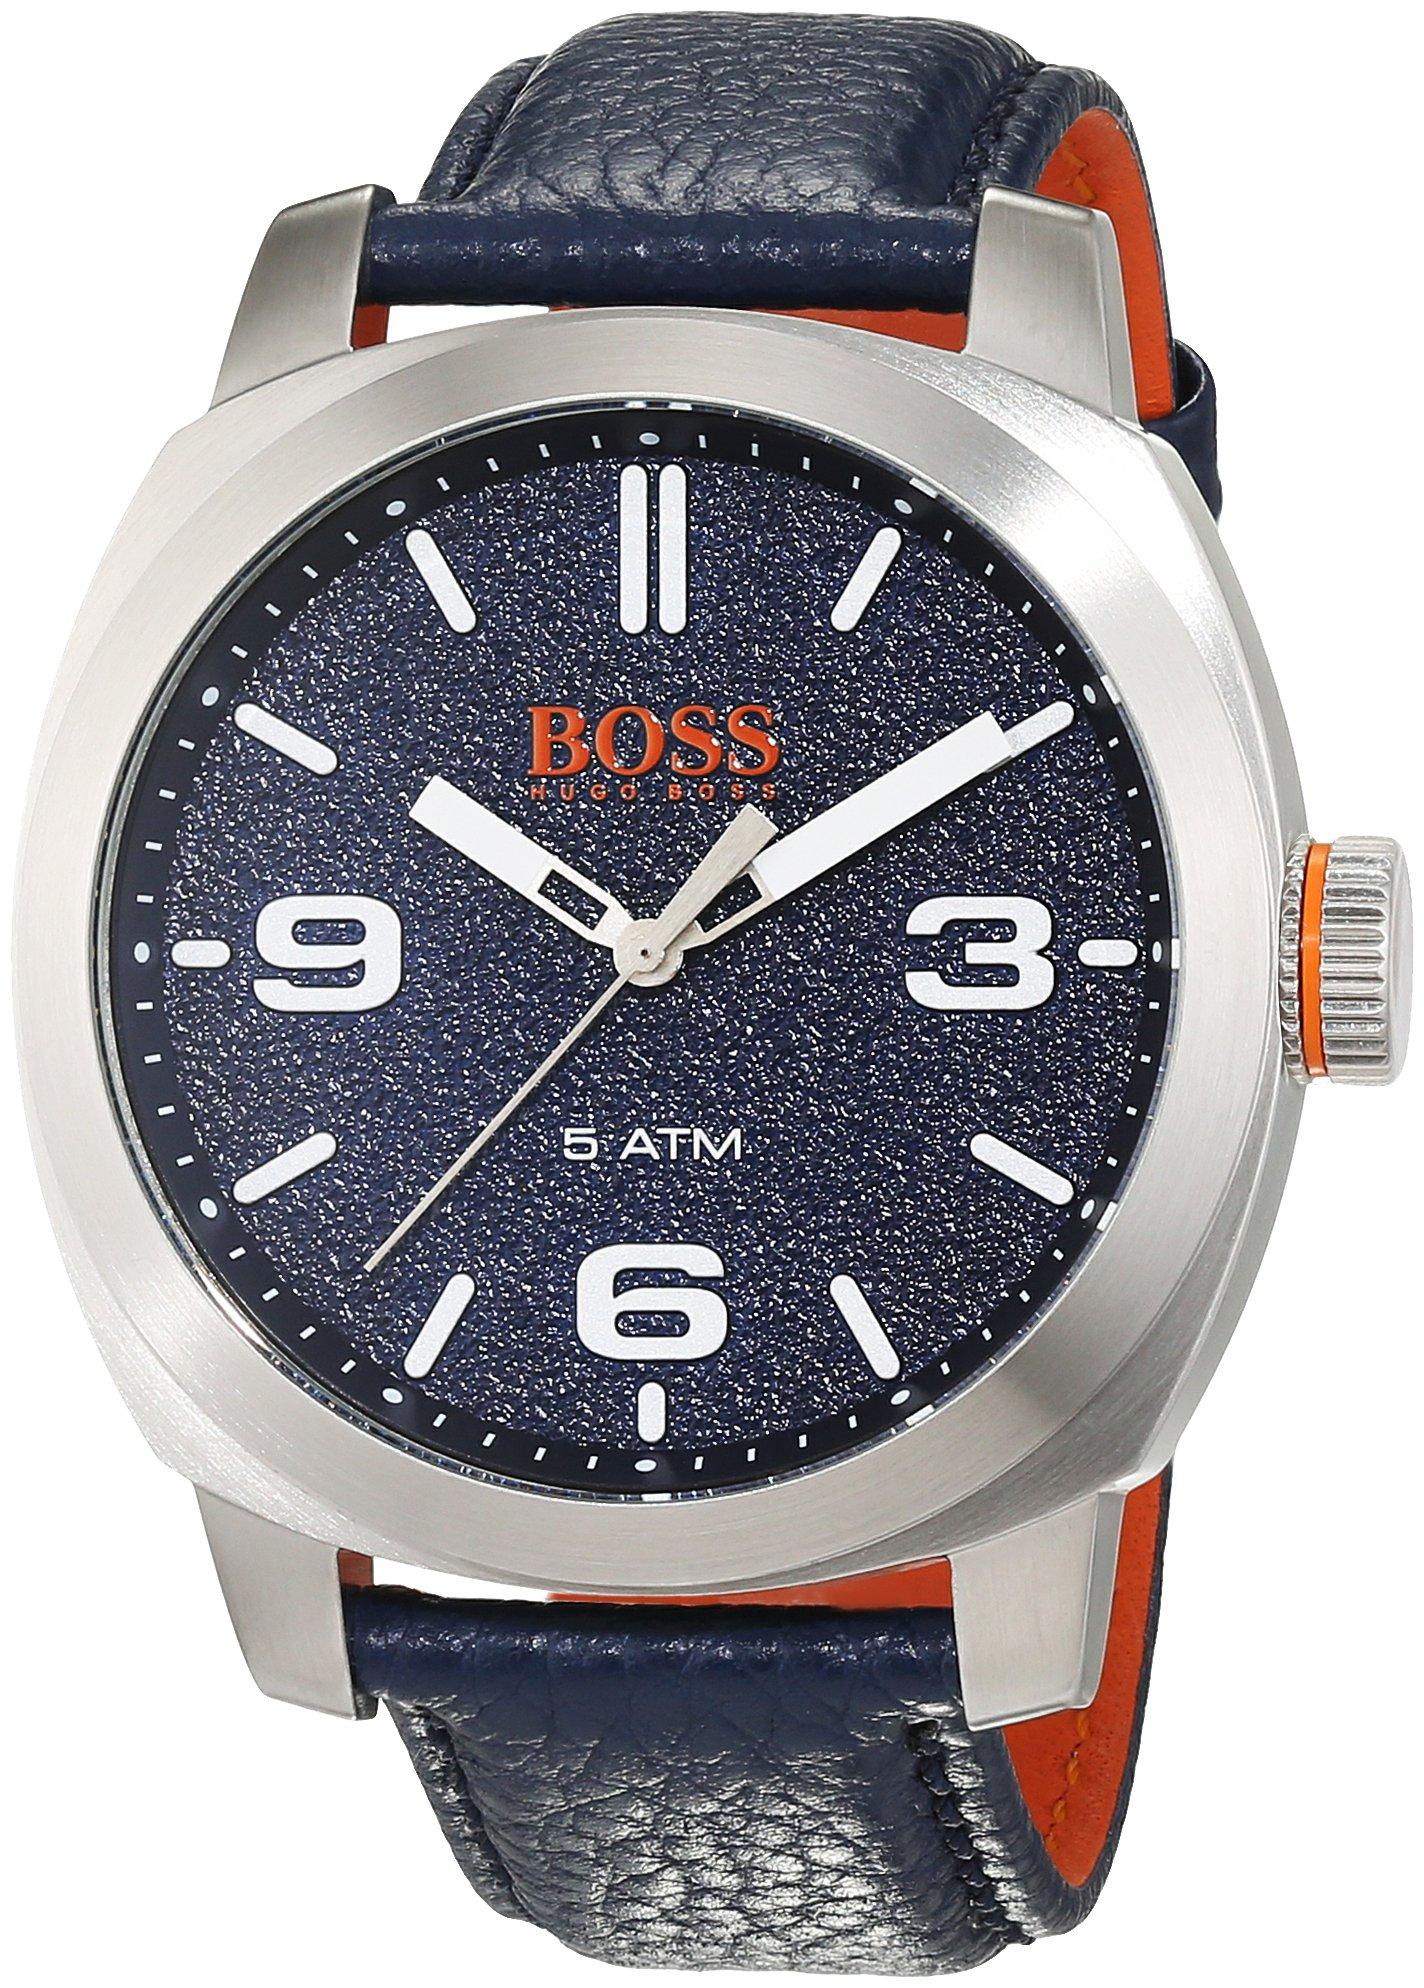 d5f33e2d0b33 Hugo Boss Orange - Reloj de pulsera para hombre - 1513410